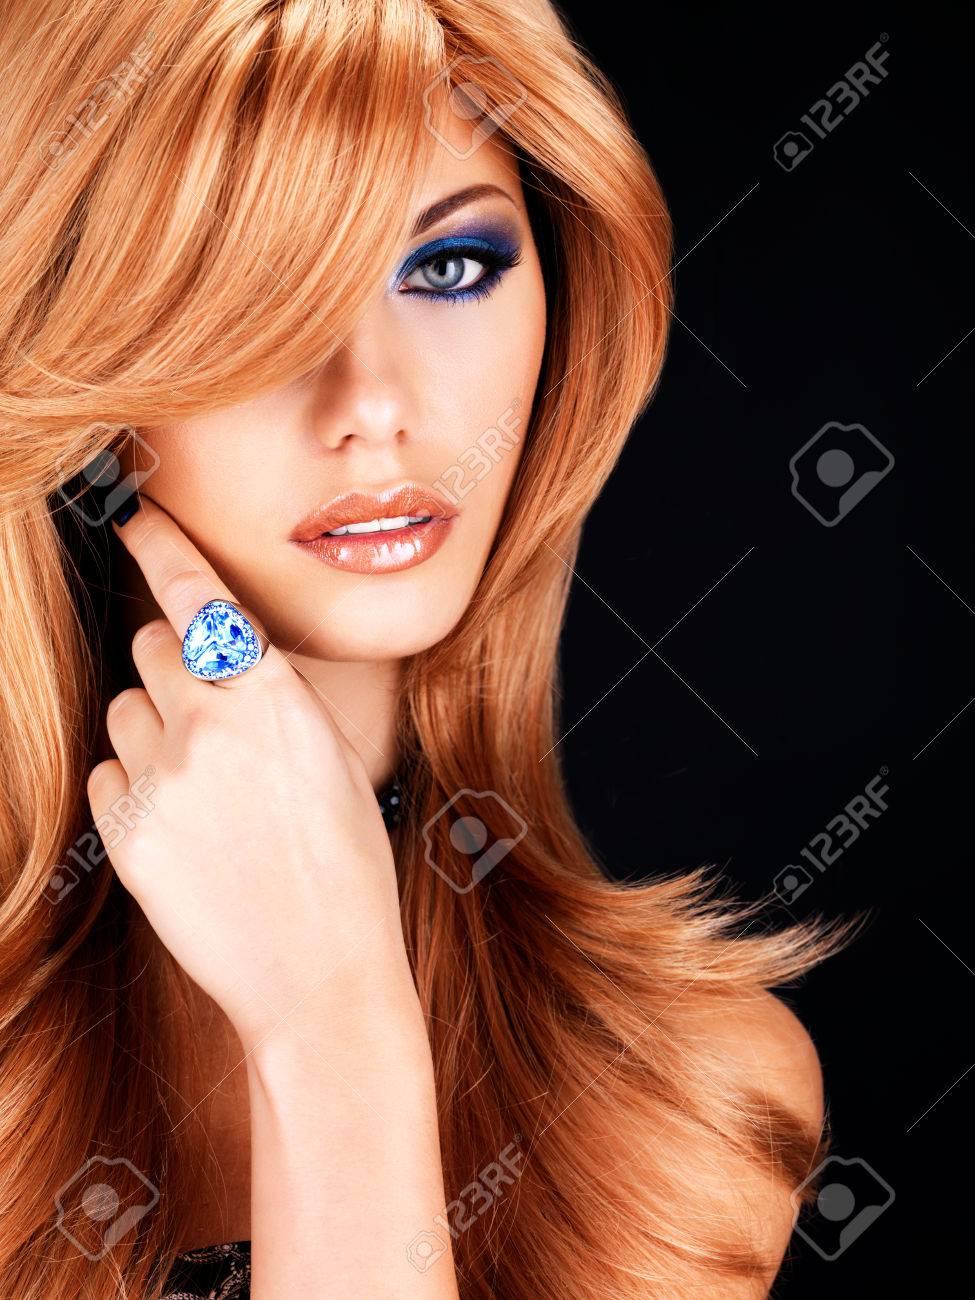 Porträt Einer Schönen Frau Mit Langen Roten Haaren Und Blauen Augen